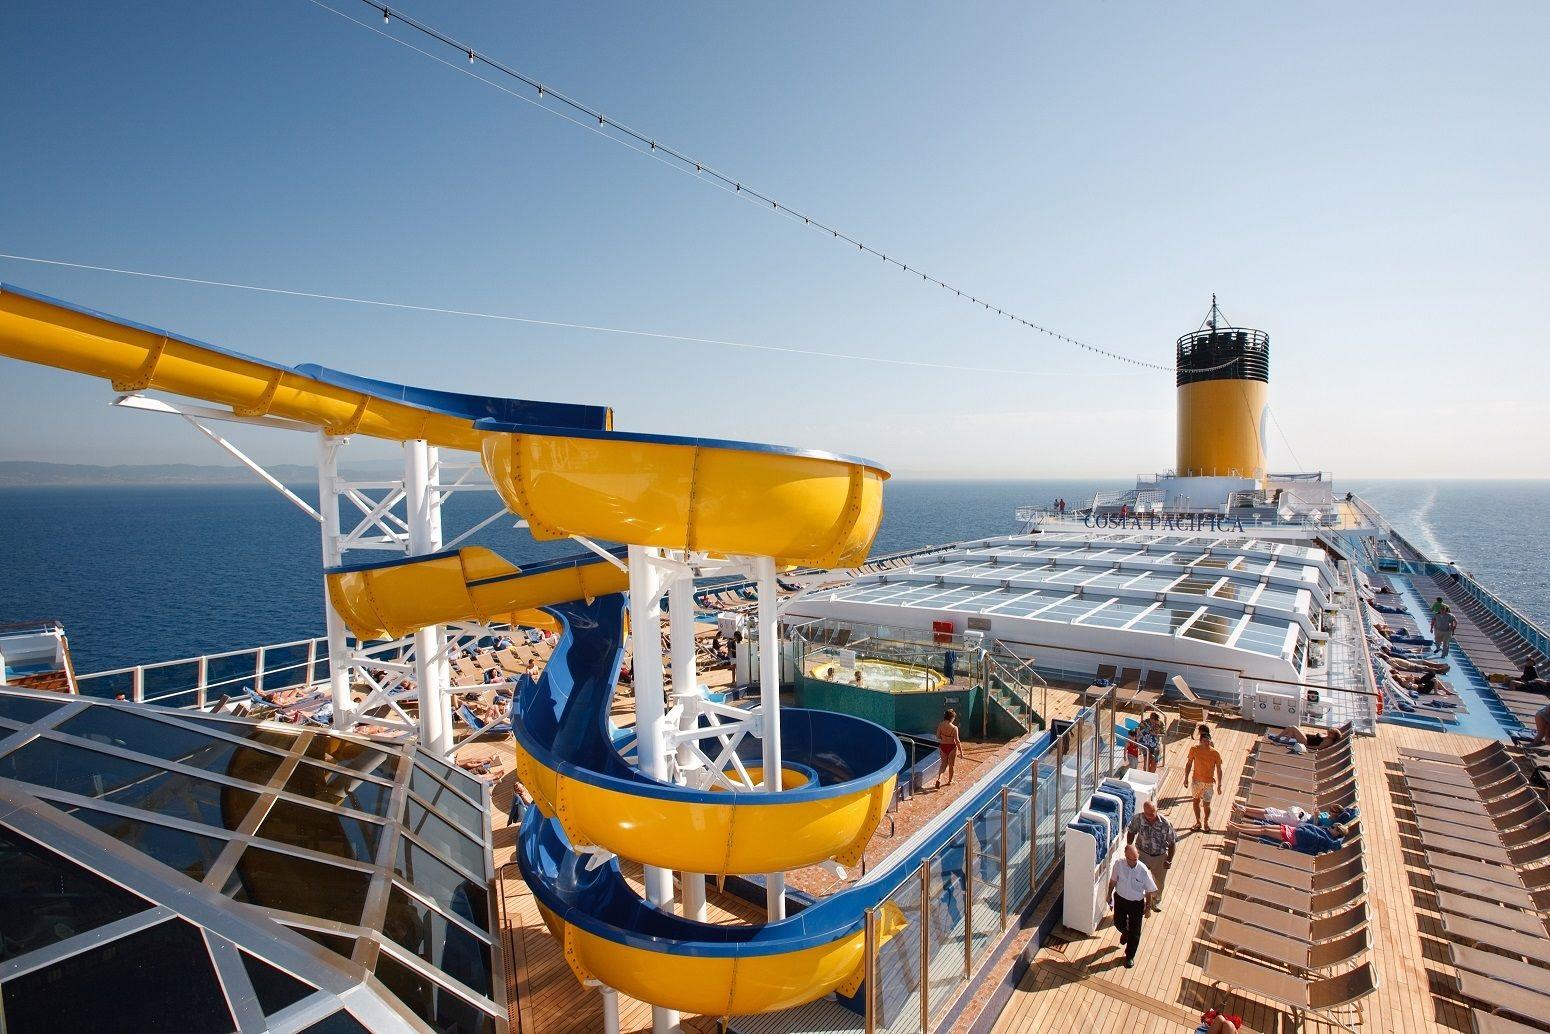 Conheça os 6 navios de cruzeiro do verão 2016-2017 no Brasil